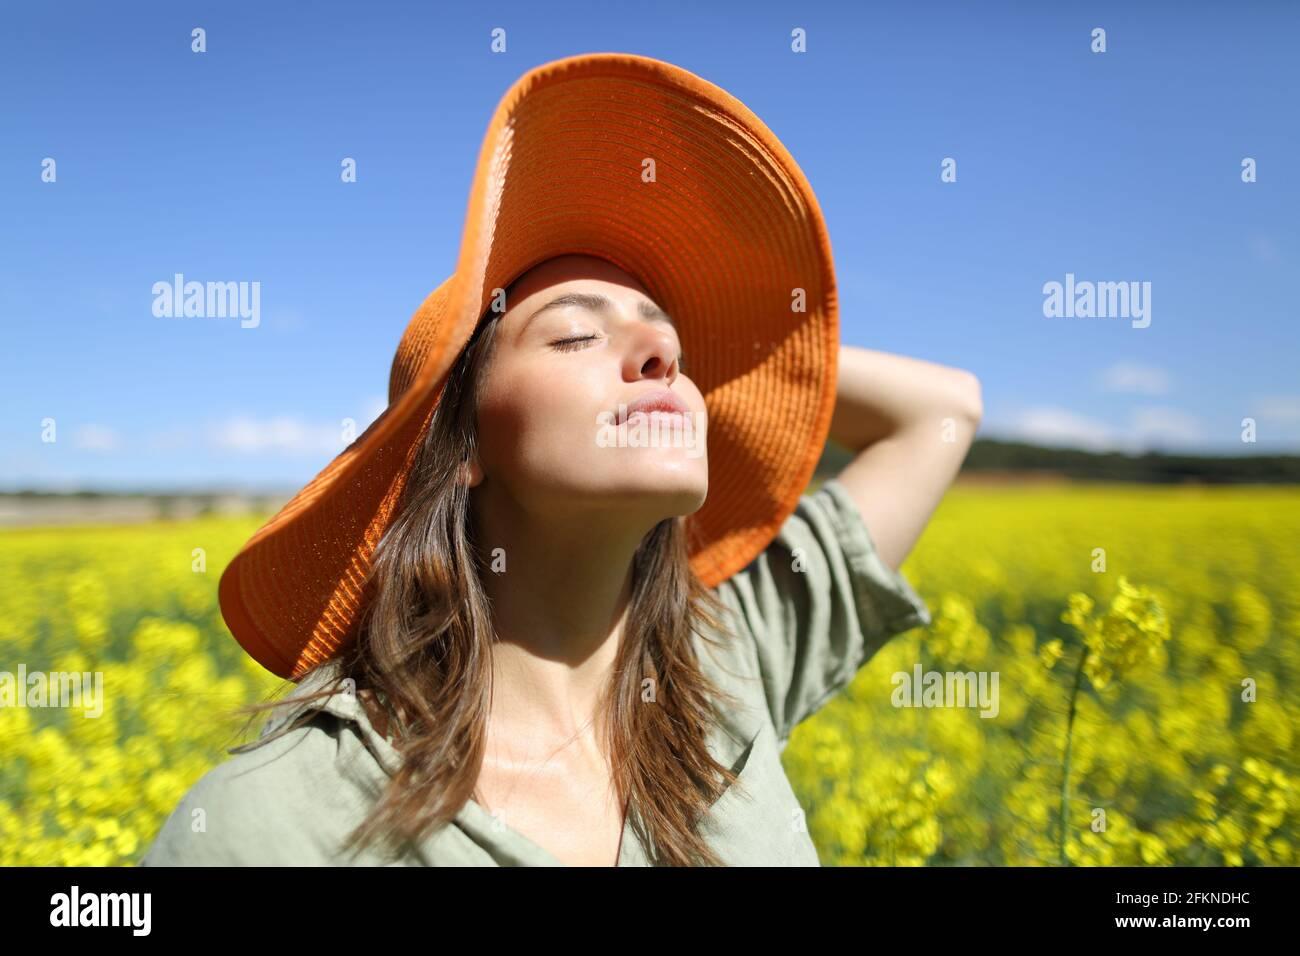 Donna soddisfatta con pamela arancione che respira aria fresca in un campo fiorito giallo Foto Stock